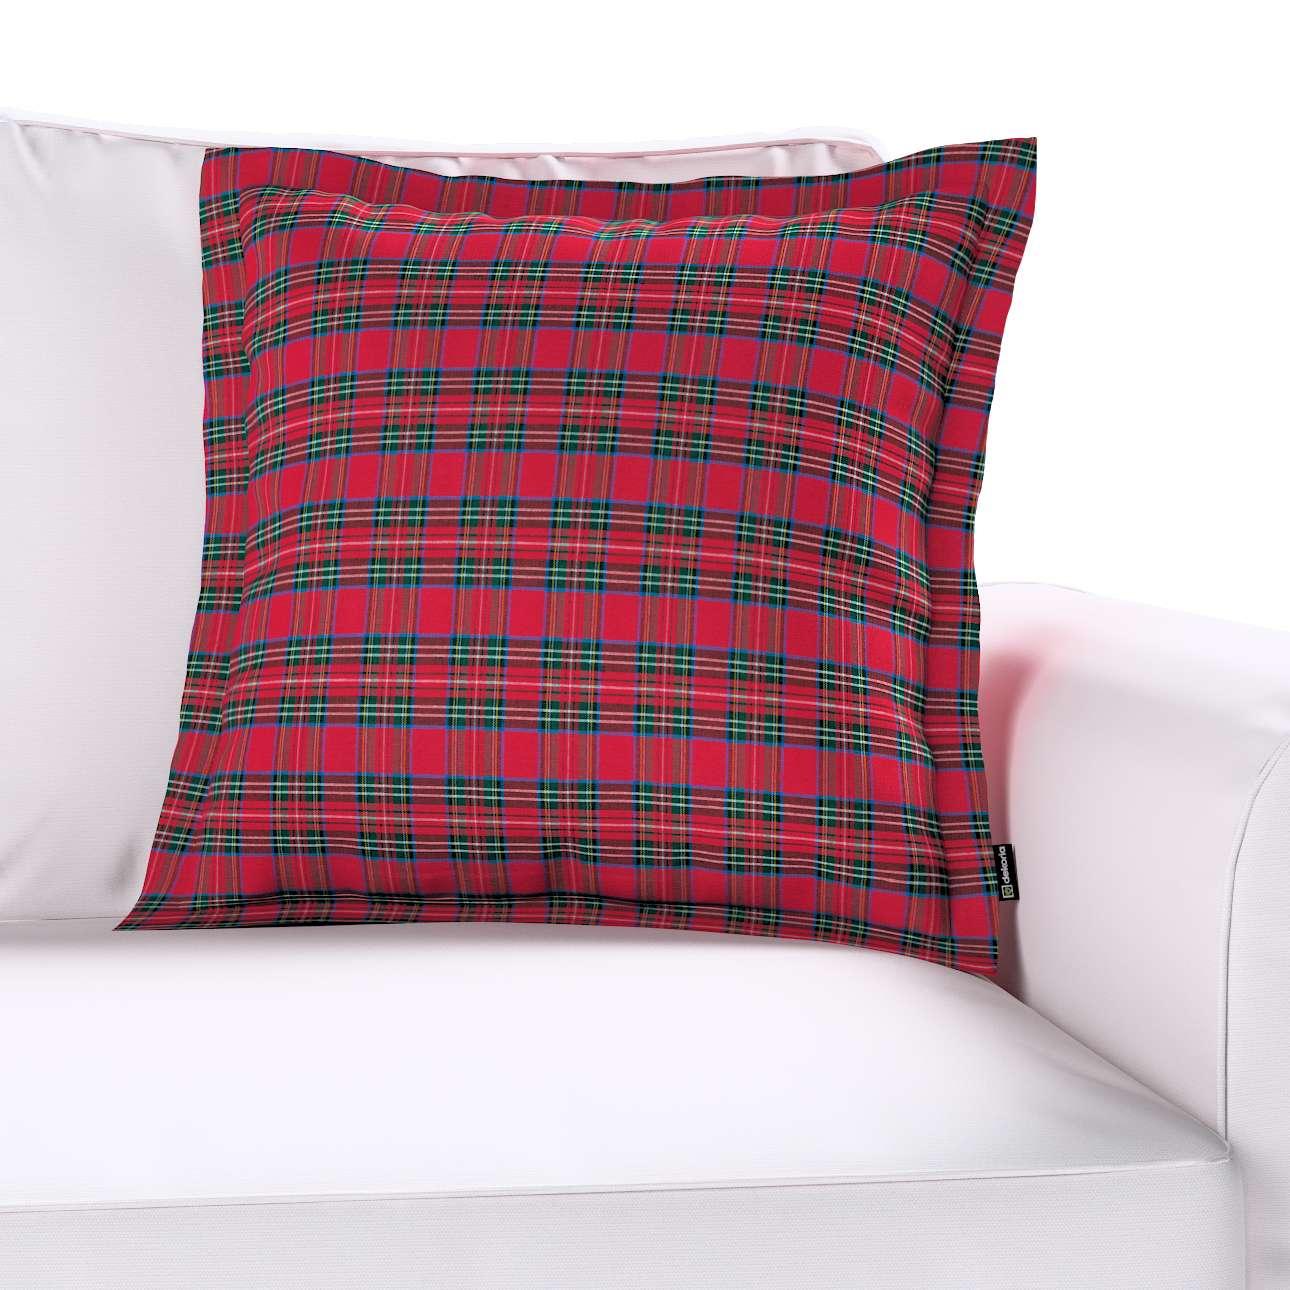 Poszewka Mona na poduszkę 45x45 cm w kolekcji Bristol, tkanina: 126-29